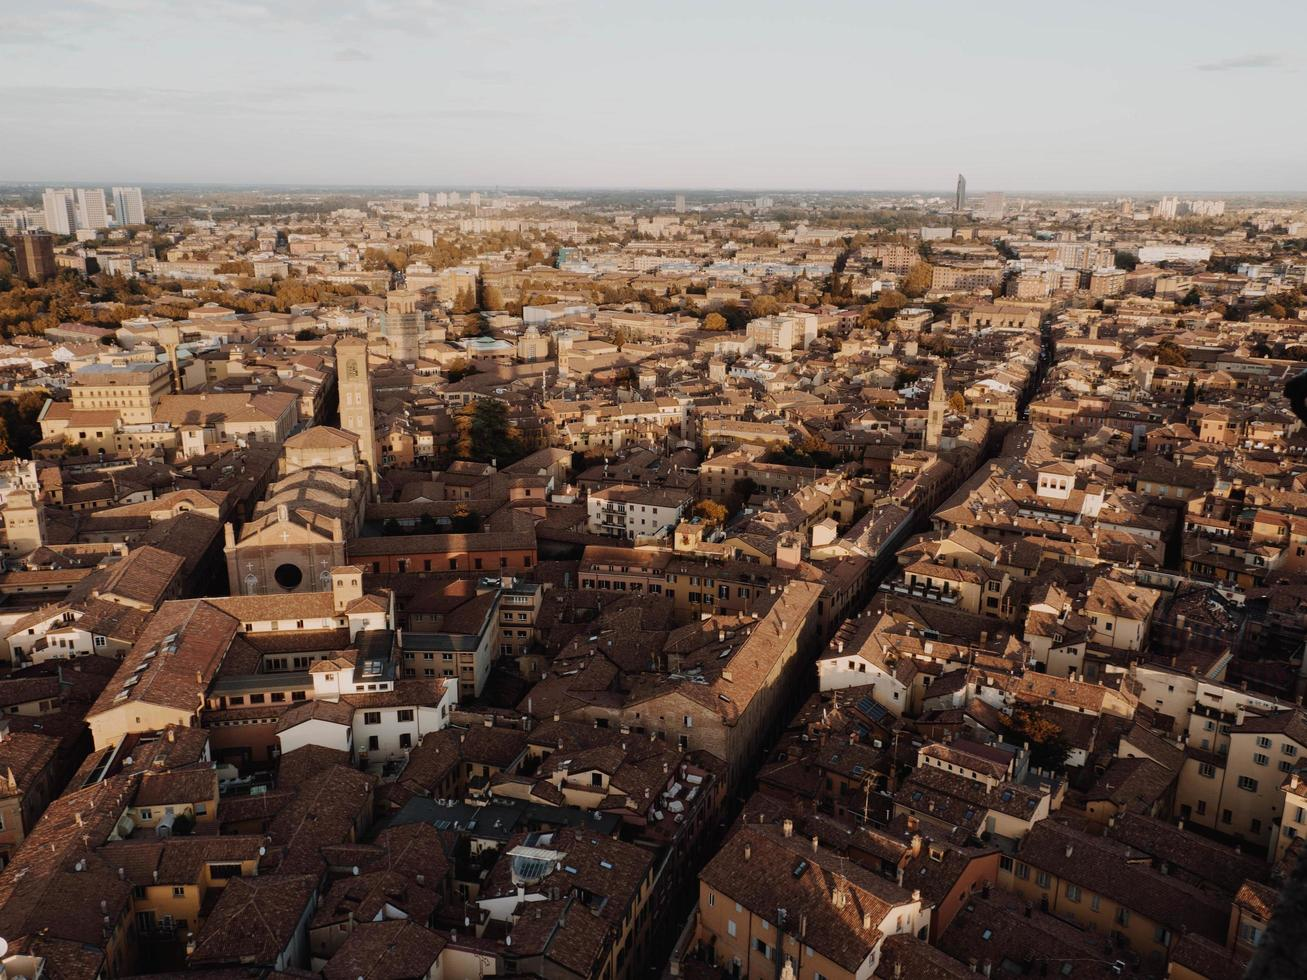 vue à vol d'oiseau de la ville italienne photo